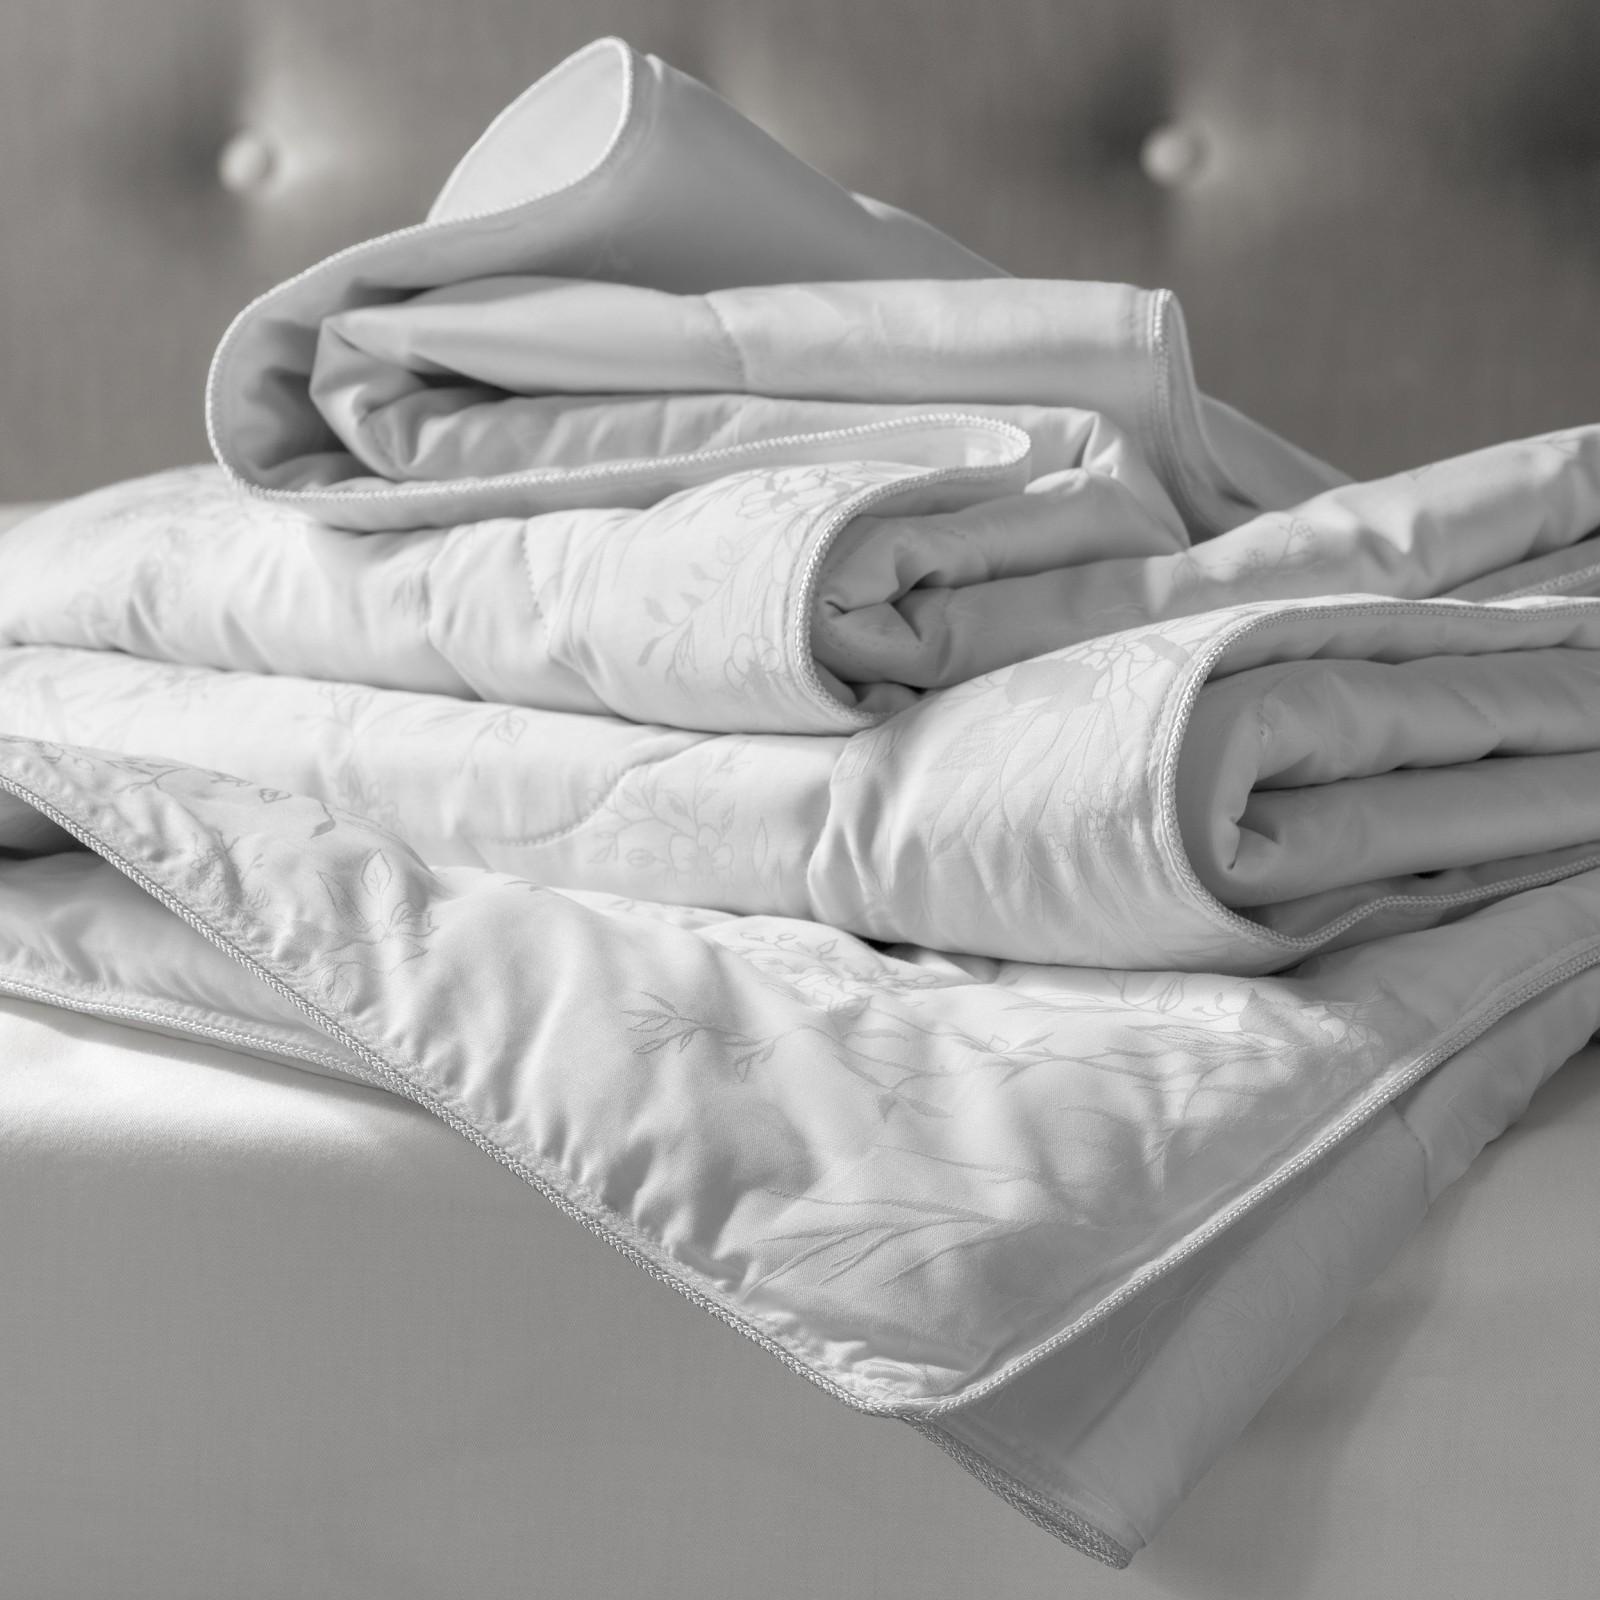 Купить Одеяла Togas, Одеяло Лотос (220х240 см), Греция, Белый, Хлопковый жаккард